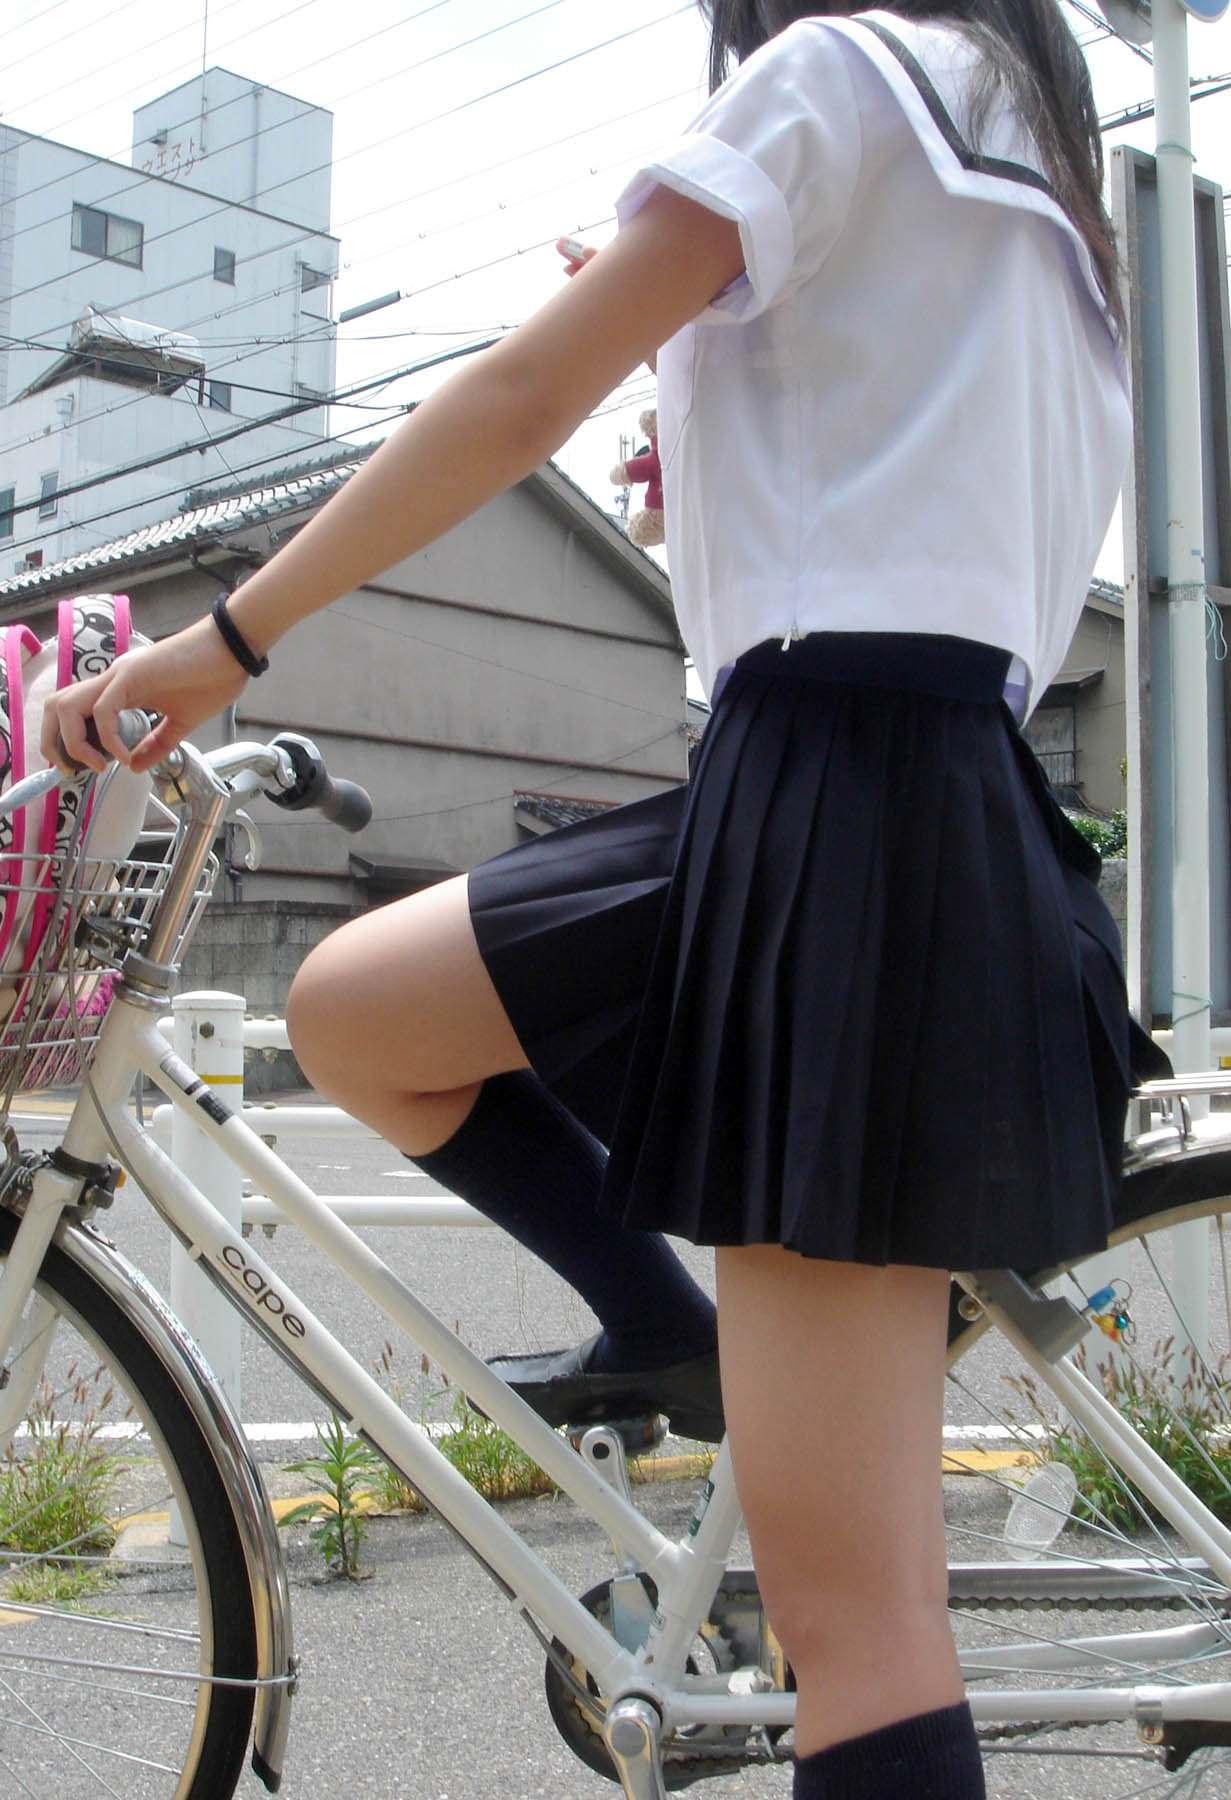 自転車に跨ってるJKの太ももがエッチだな!